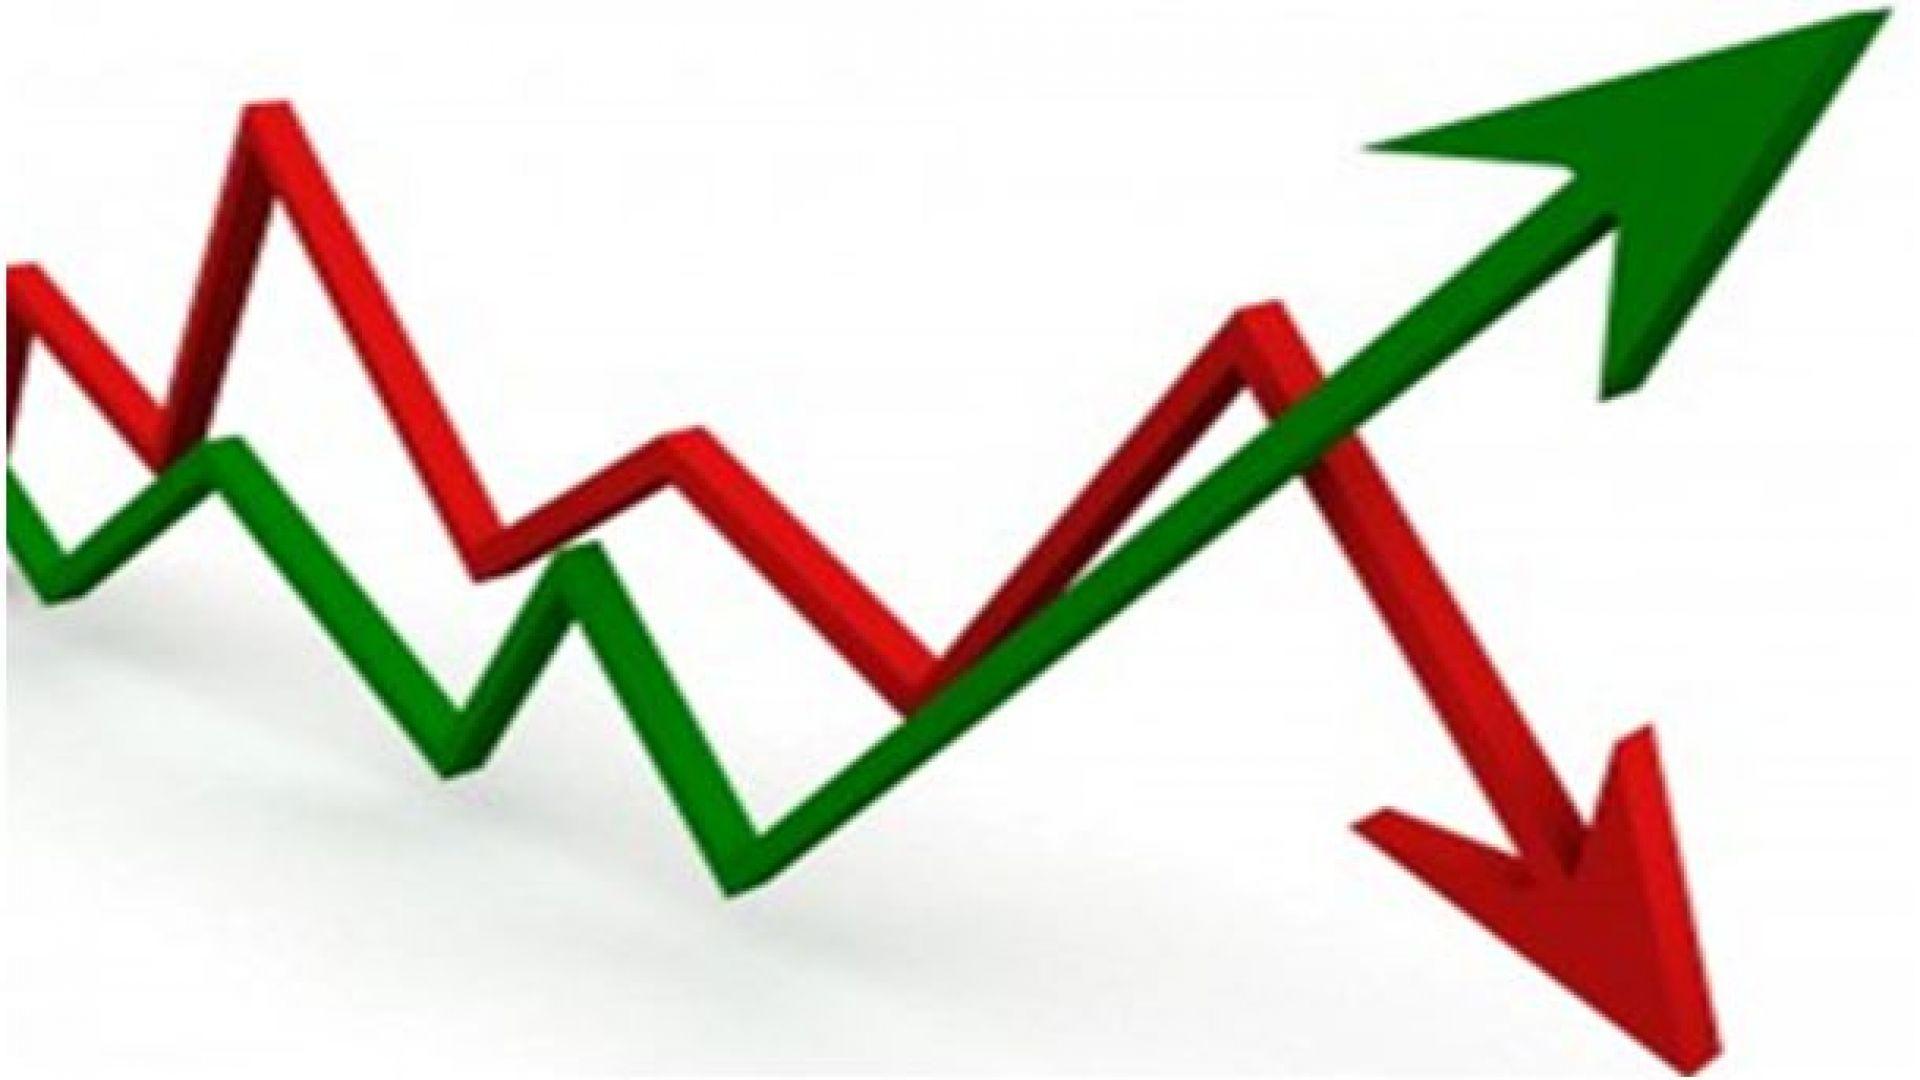 Инфлацията в еврозоната падна под 2%